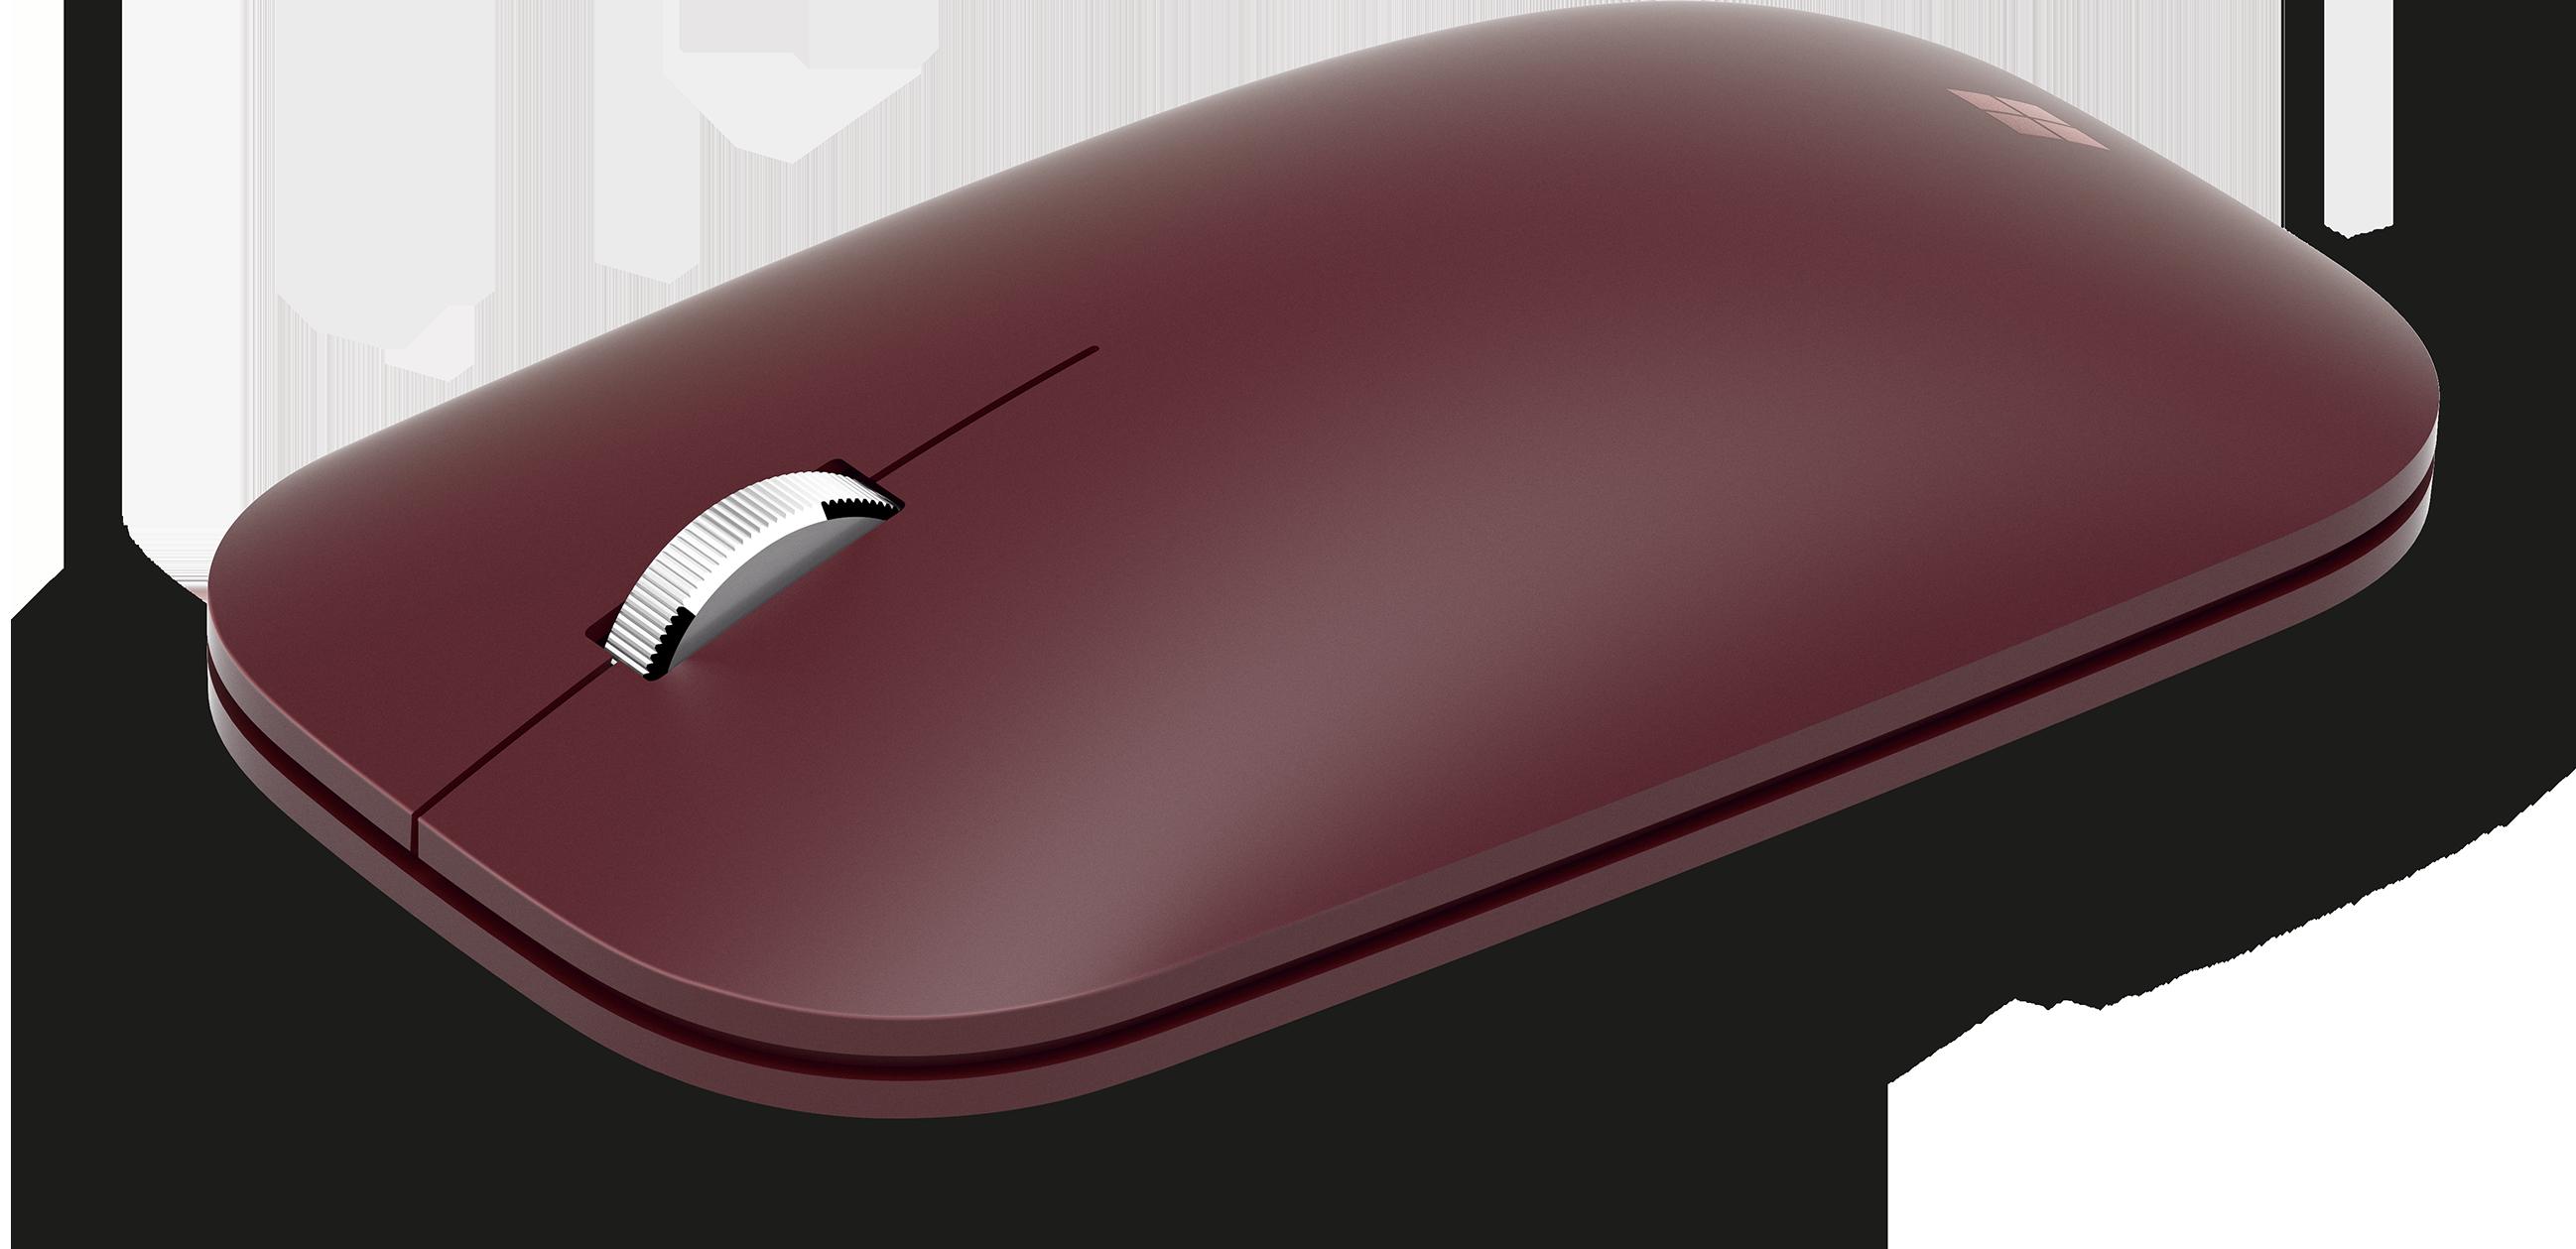 マイクロソフト♪Surface モバイル マウス♪4180円♪